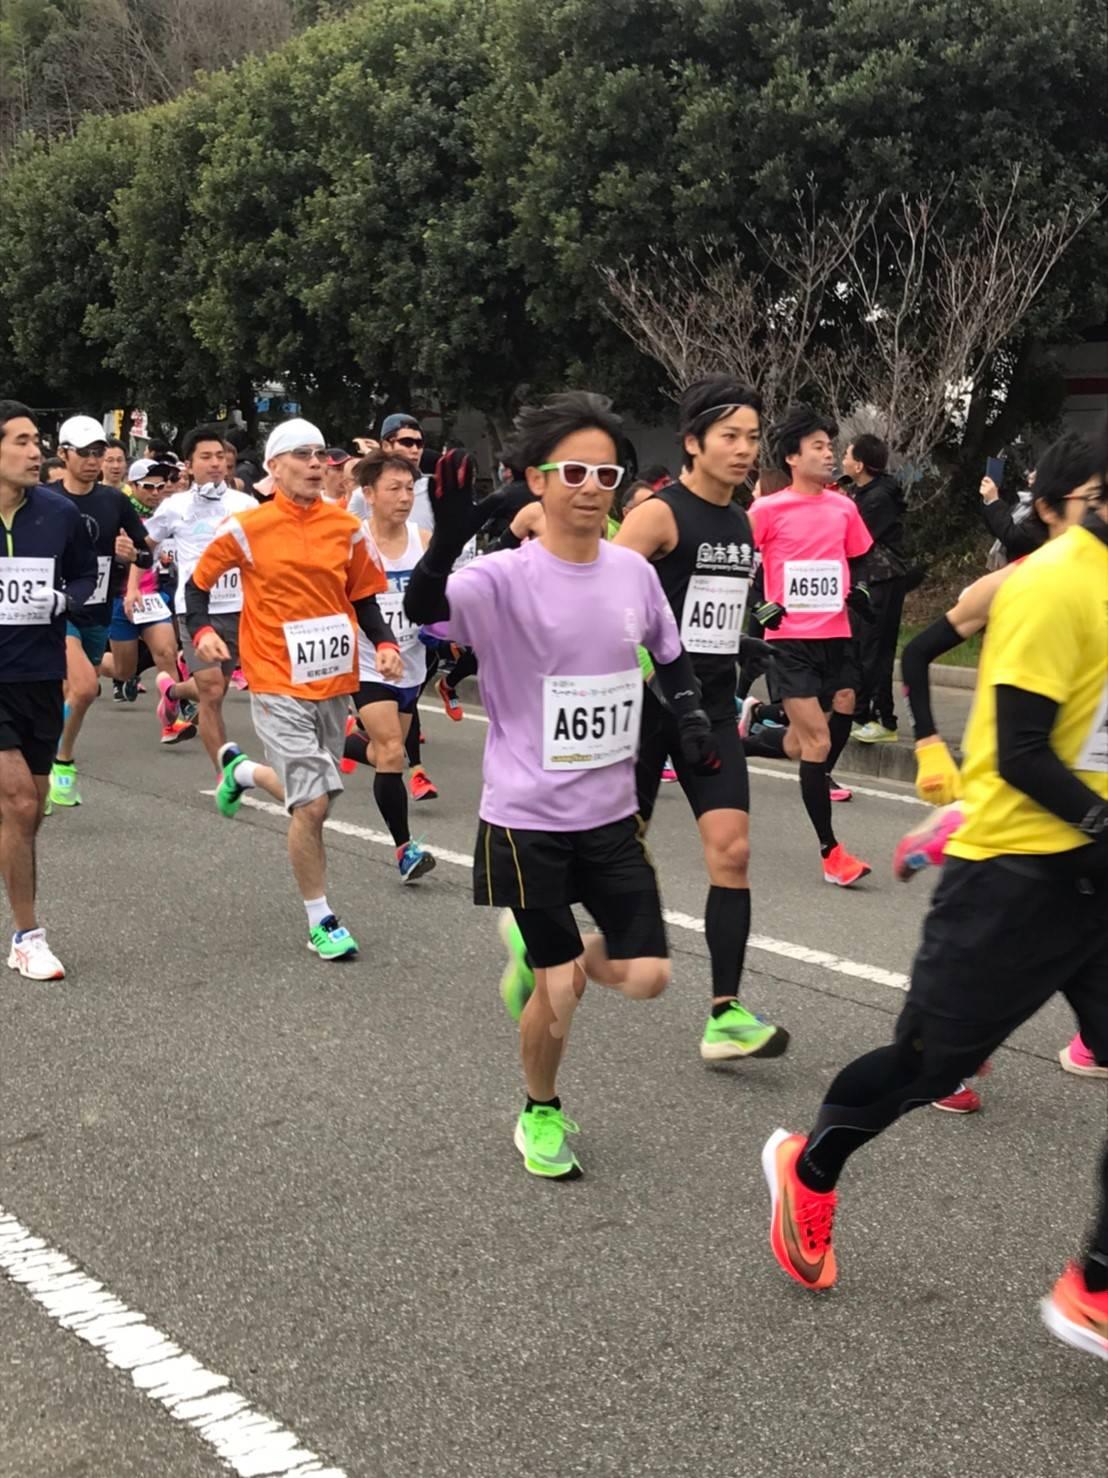 第48回たつの市梅と潮の香マラソン大会 kurさん tak-sさん oguさん2